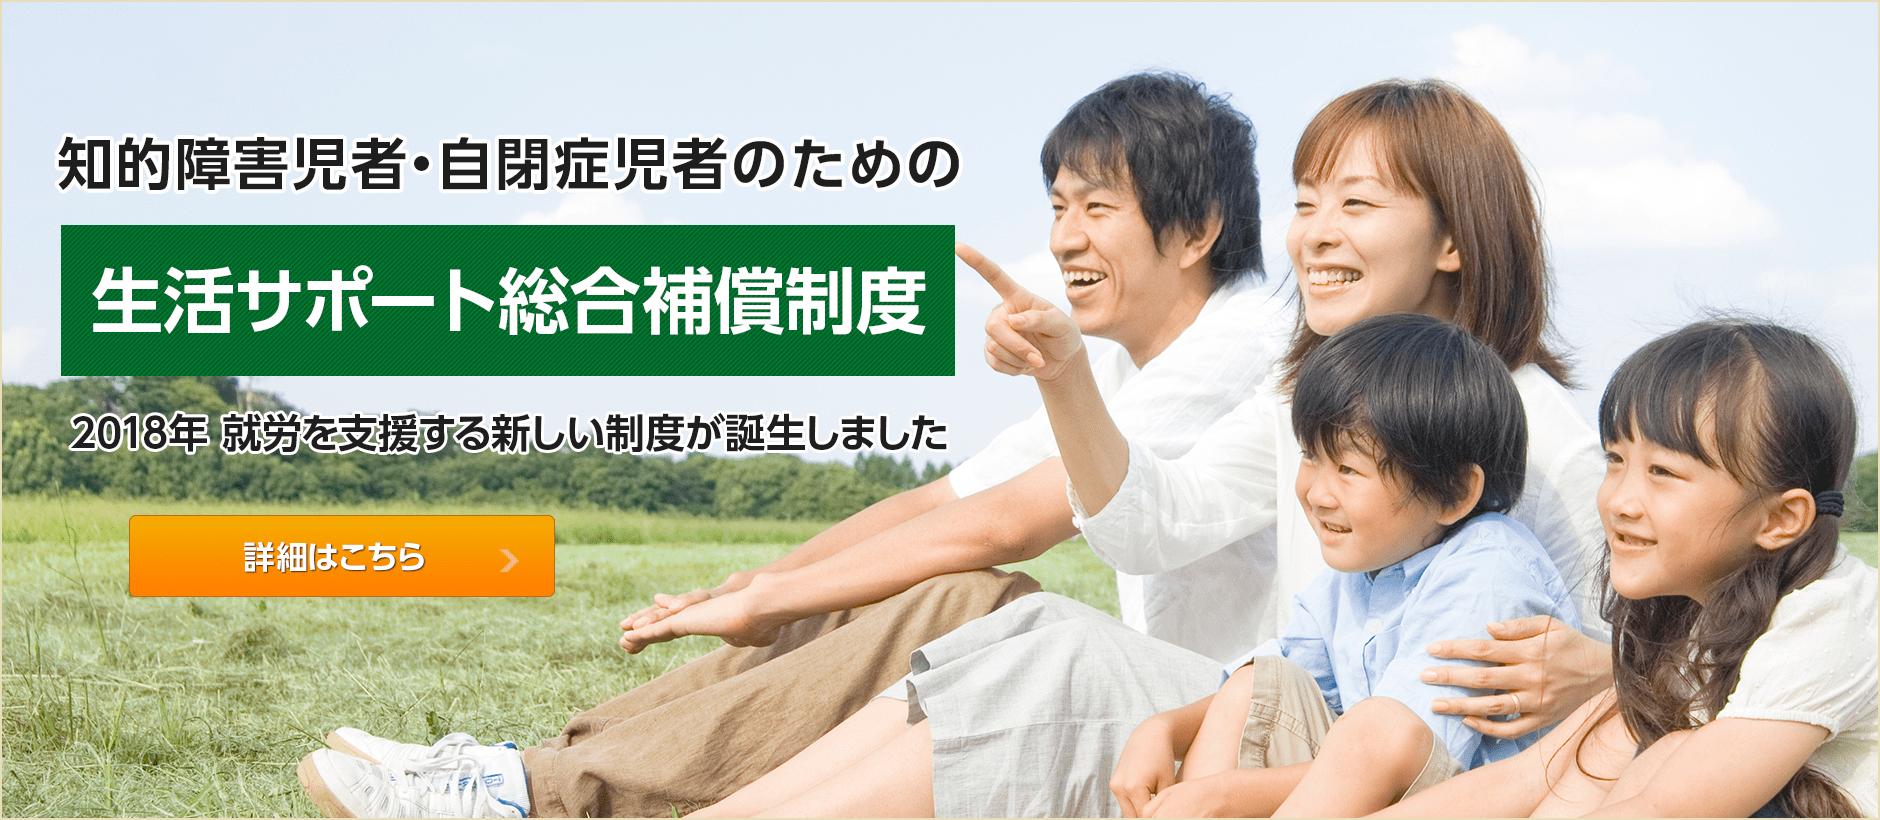 知的障害児者・自閉症児者のための【生活サポート総合補償制度】